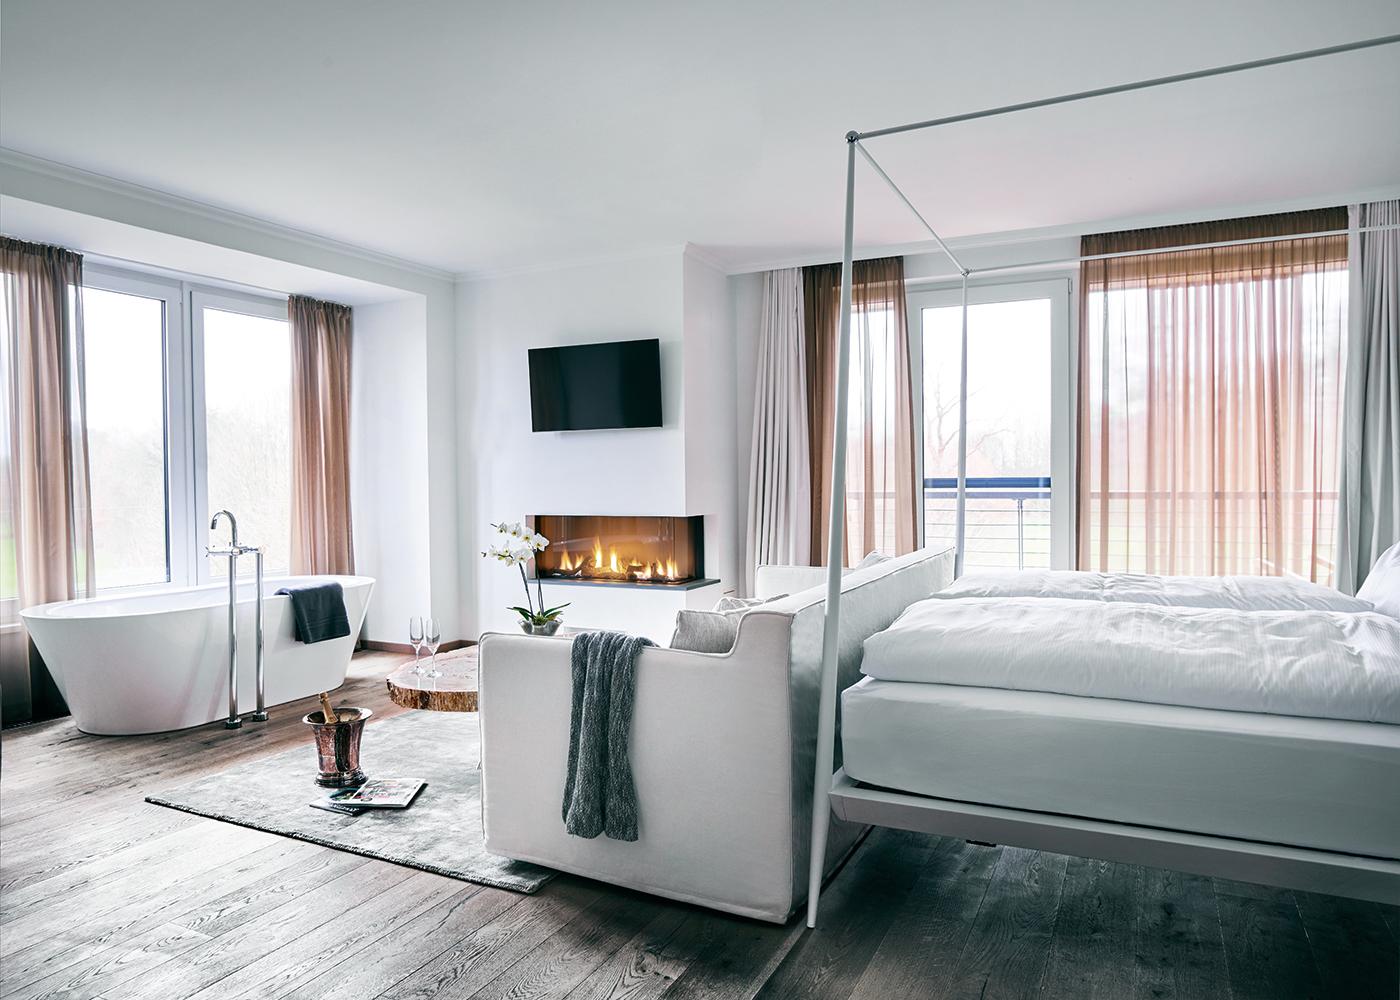 wellnesshotels in gelsenkirchen nordrhein westfalen wellnessurlaub wellness wochenende. Black Bedroom Furniture Sets. Home Design Ideas